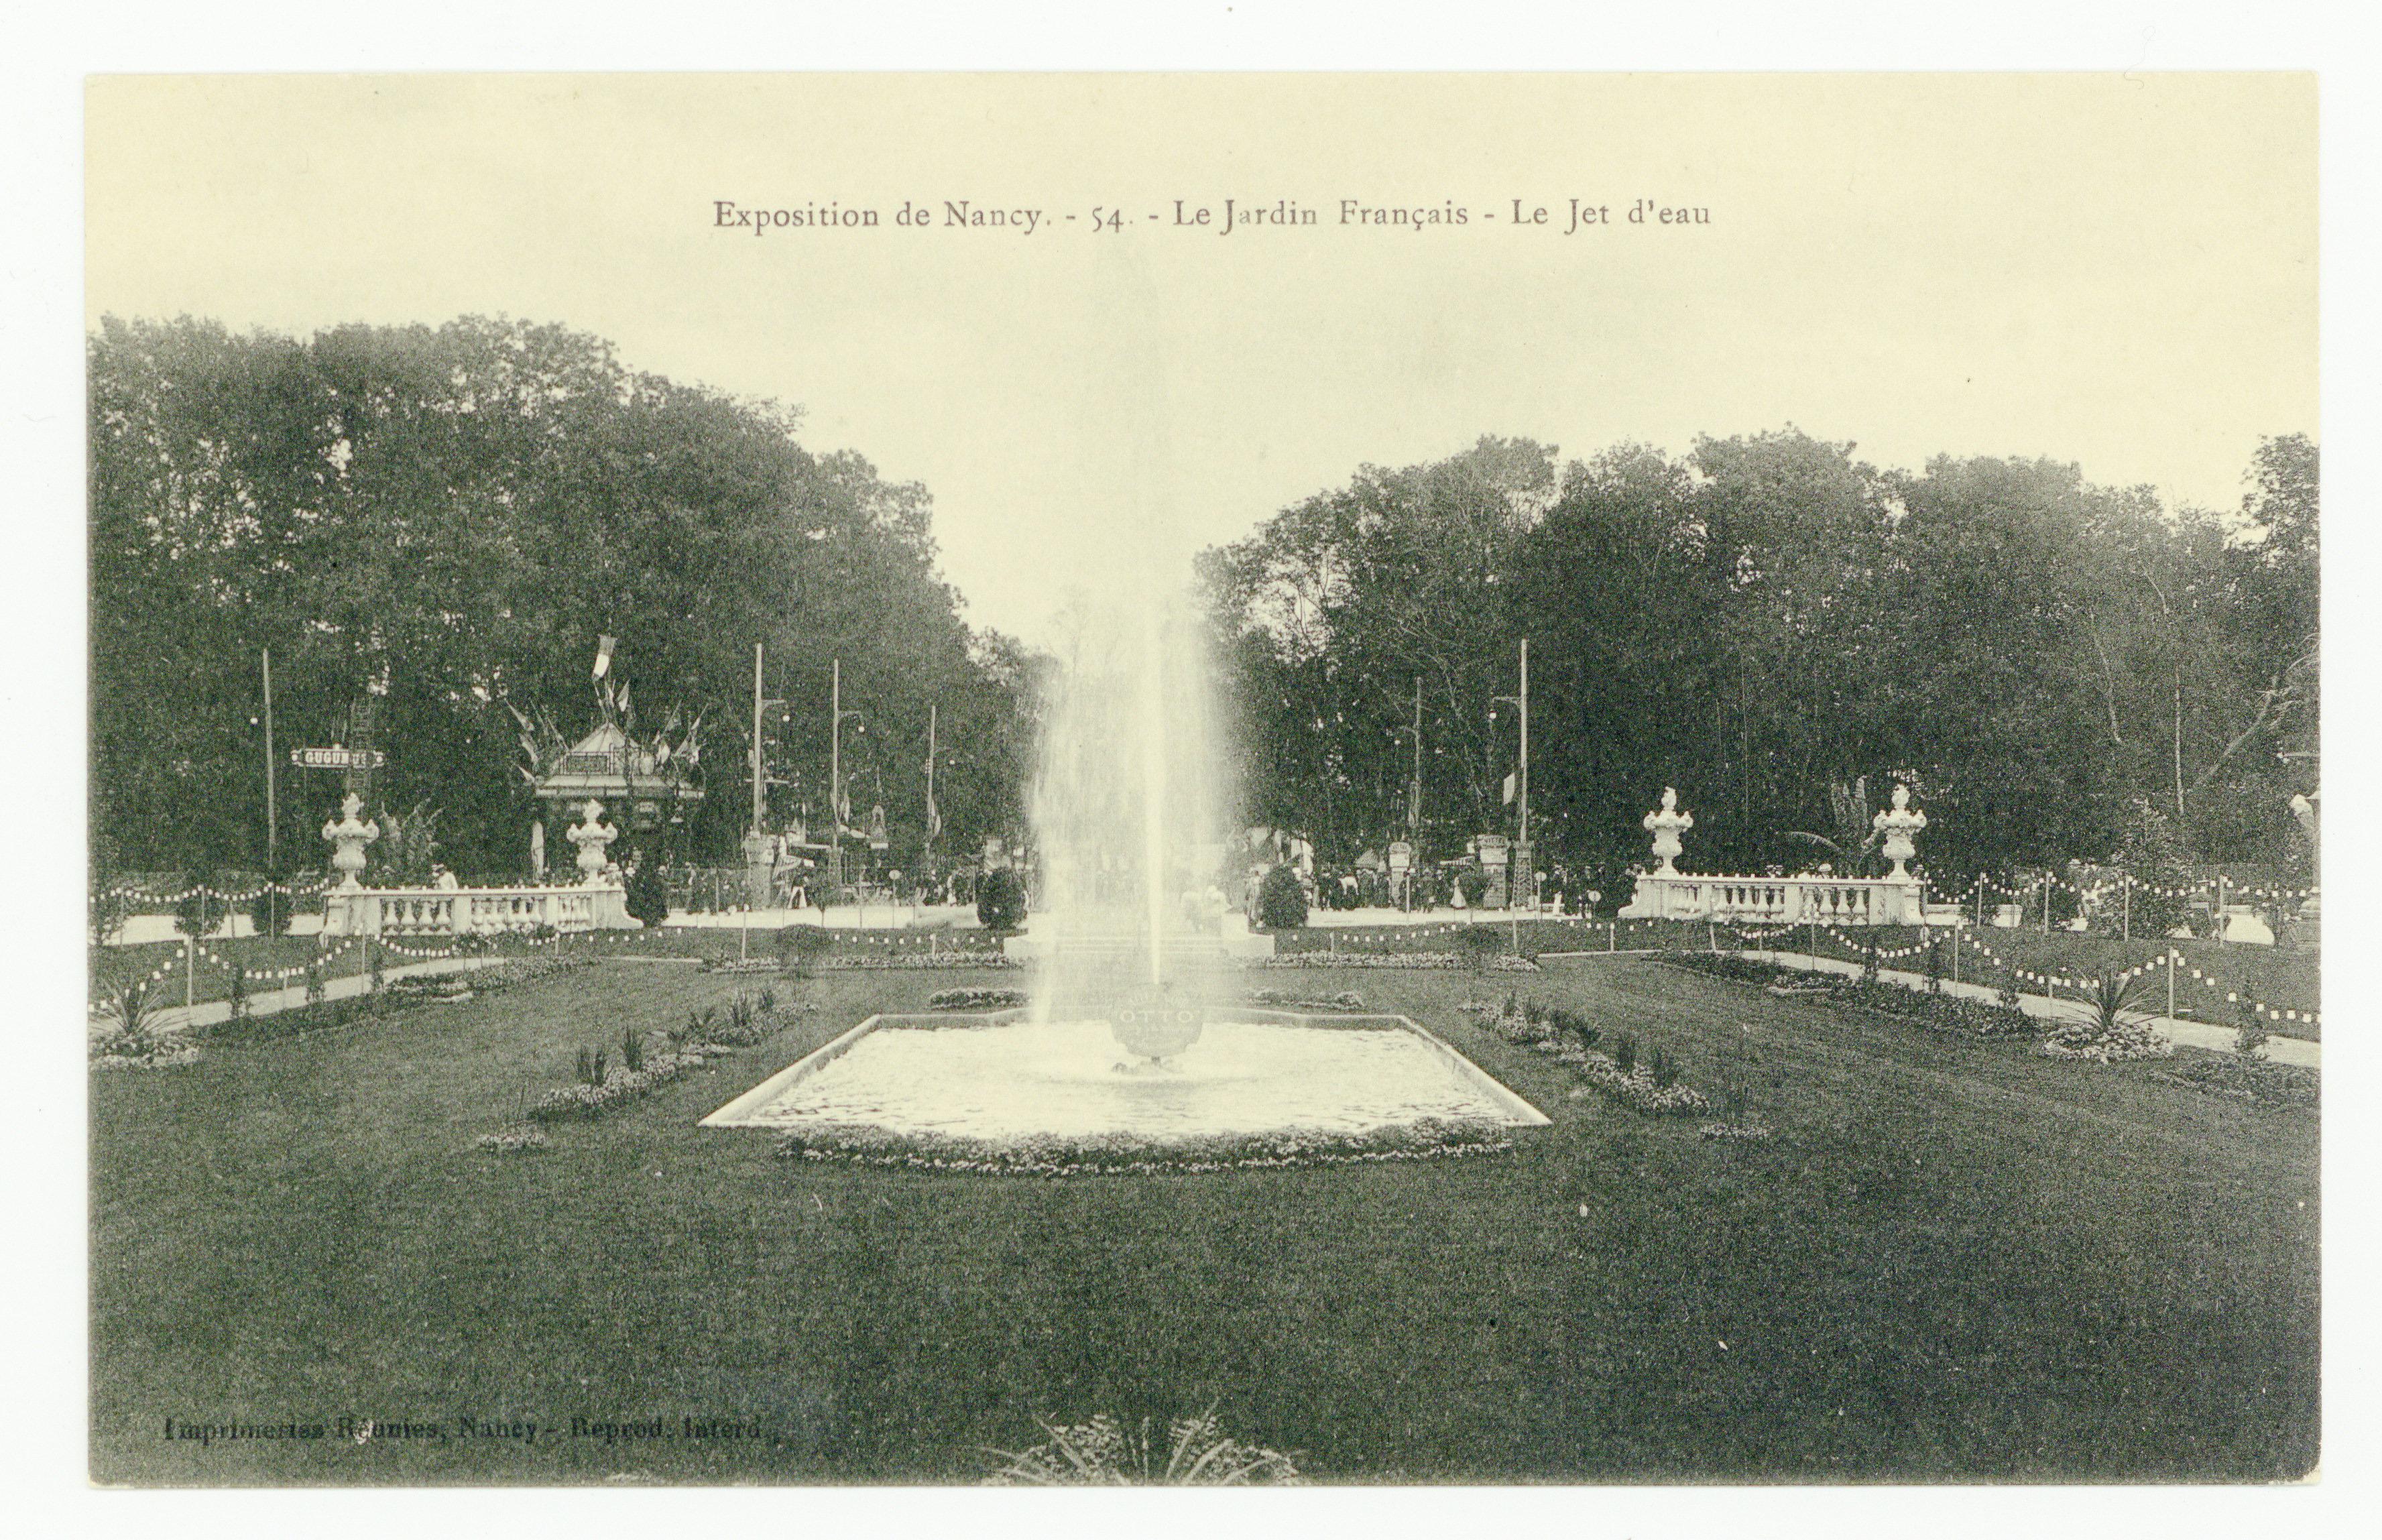 Contenu du Exposition de Nancy, 54 : le Jardin Français. Le Jet d'eau